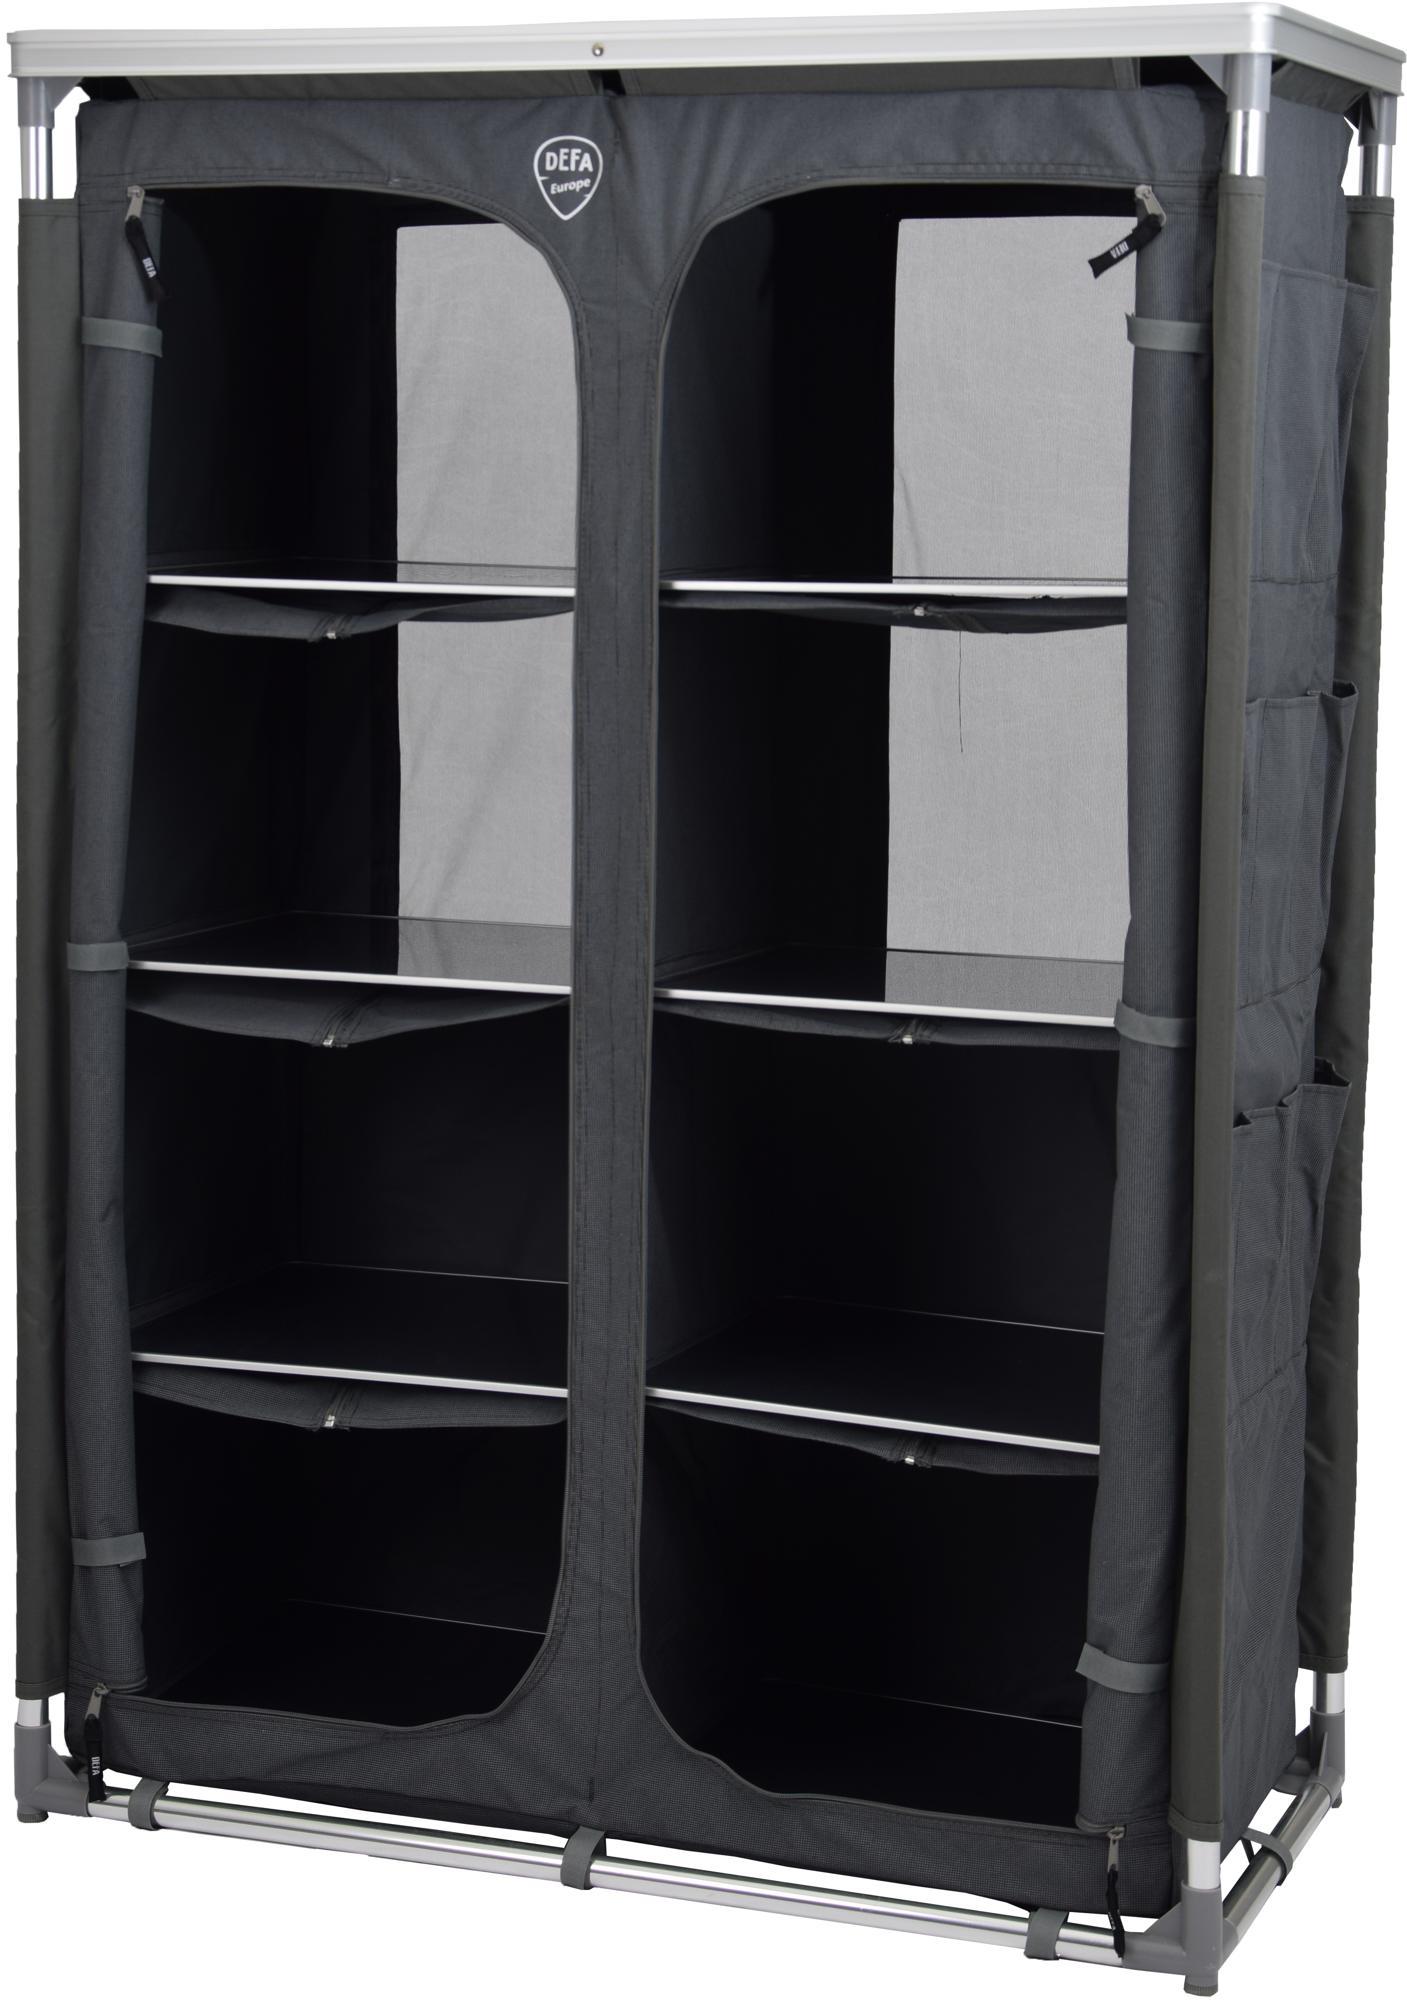 Defa Kombi Schrank Garderobe 70305 Mit Organizertaschen